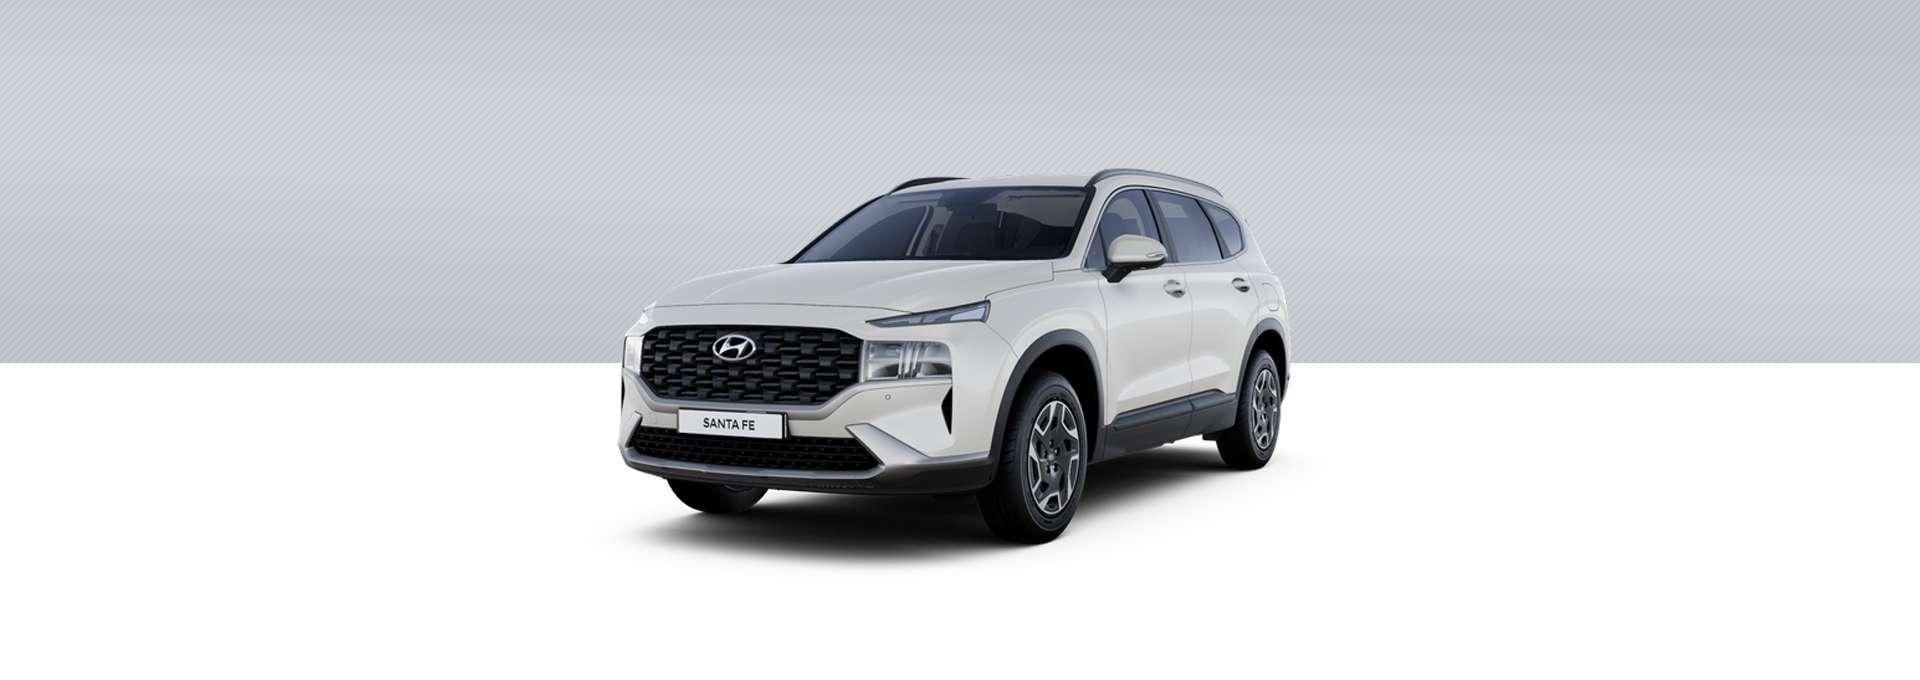 Hyundai Nuevo Santa Fe Híbrido Eléctrico